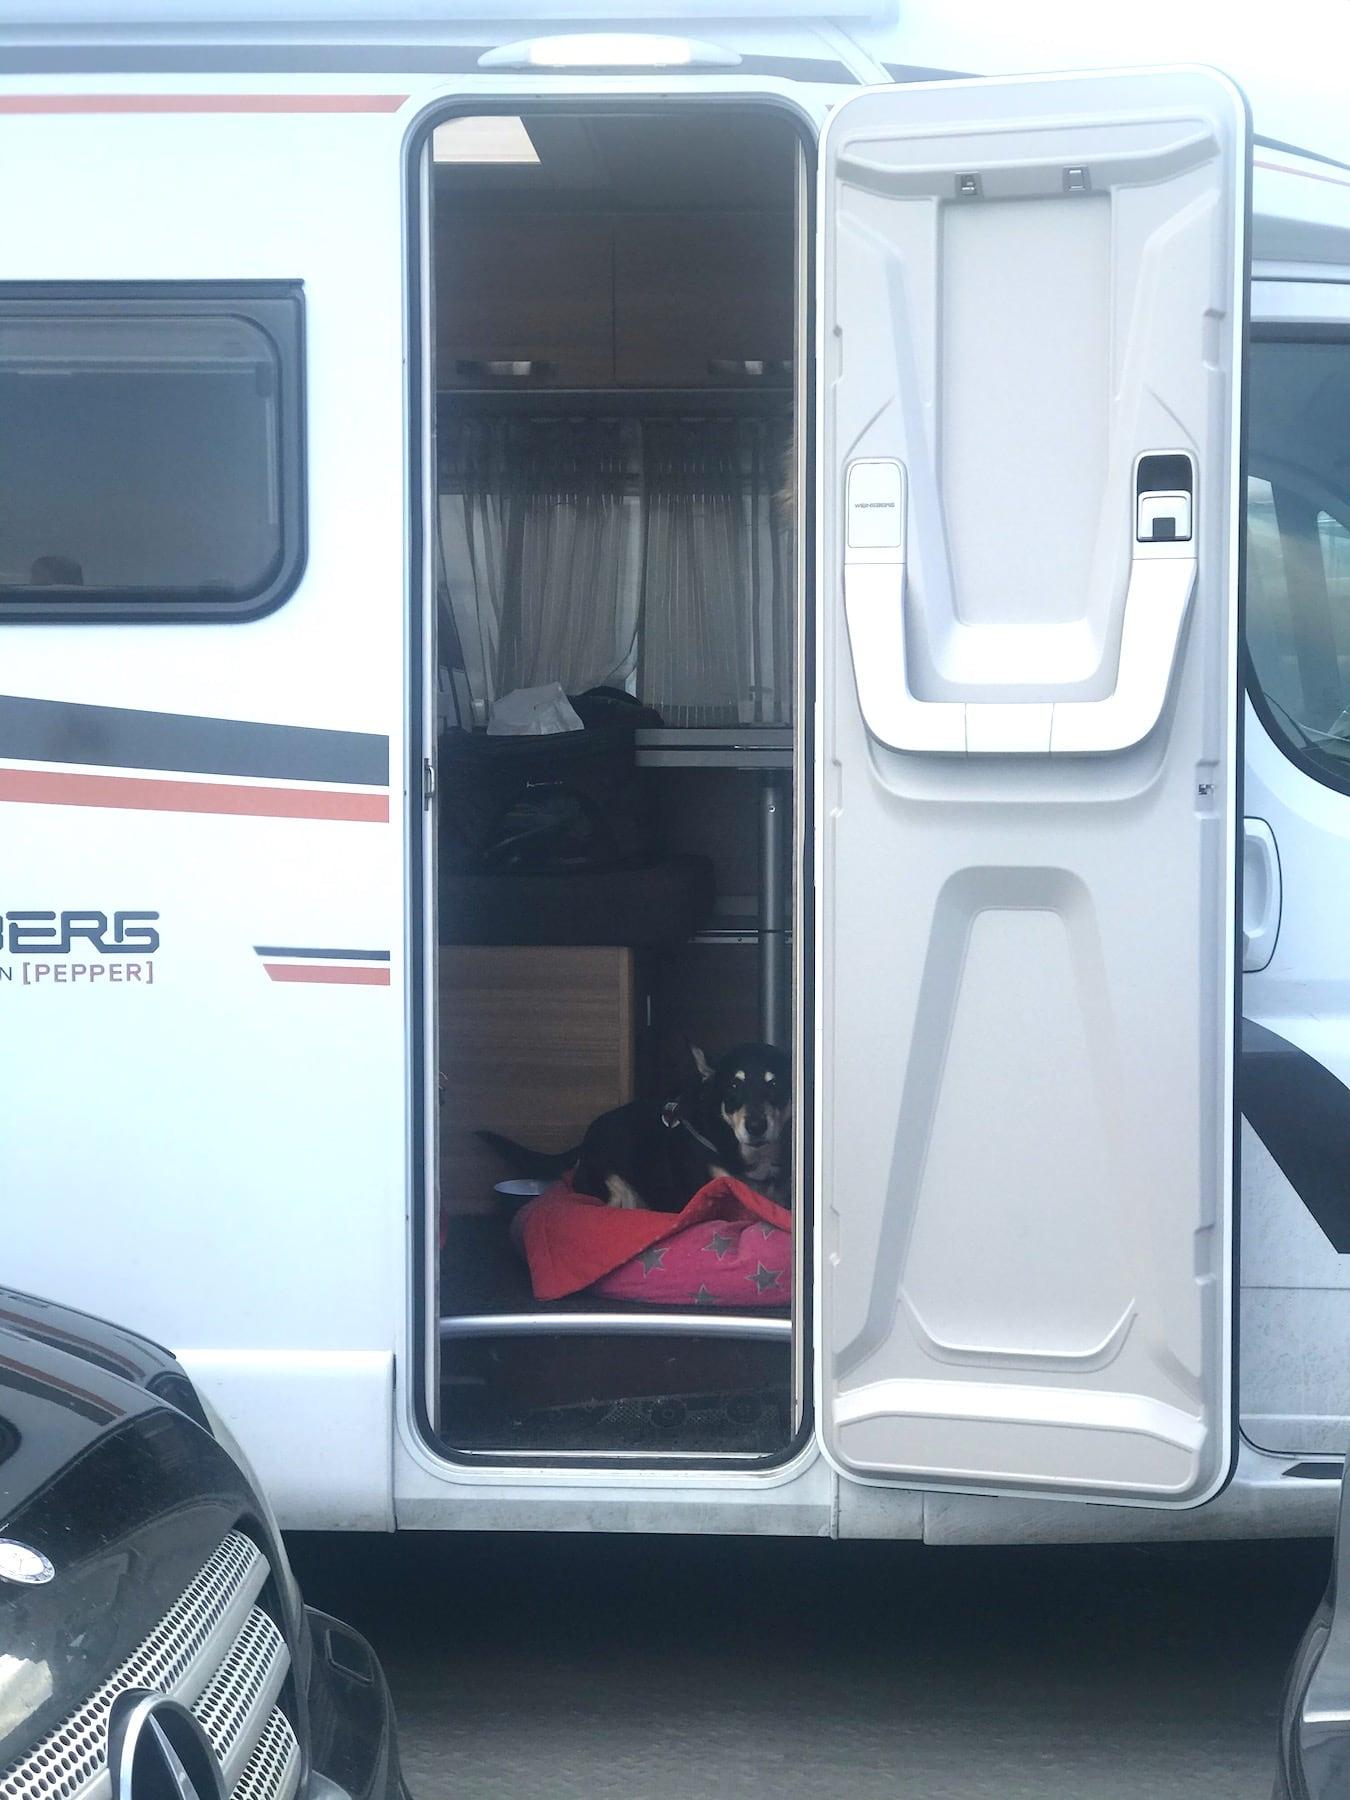 Fähre fahren als Camper mit Hund